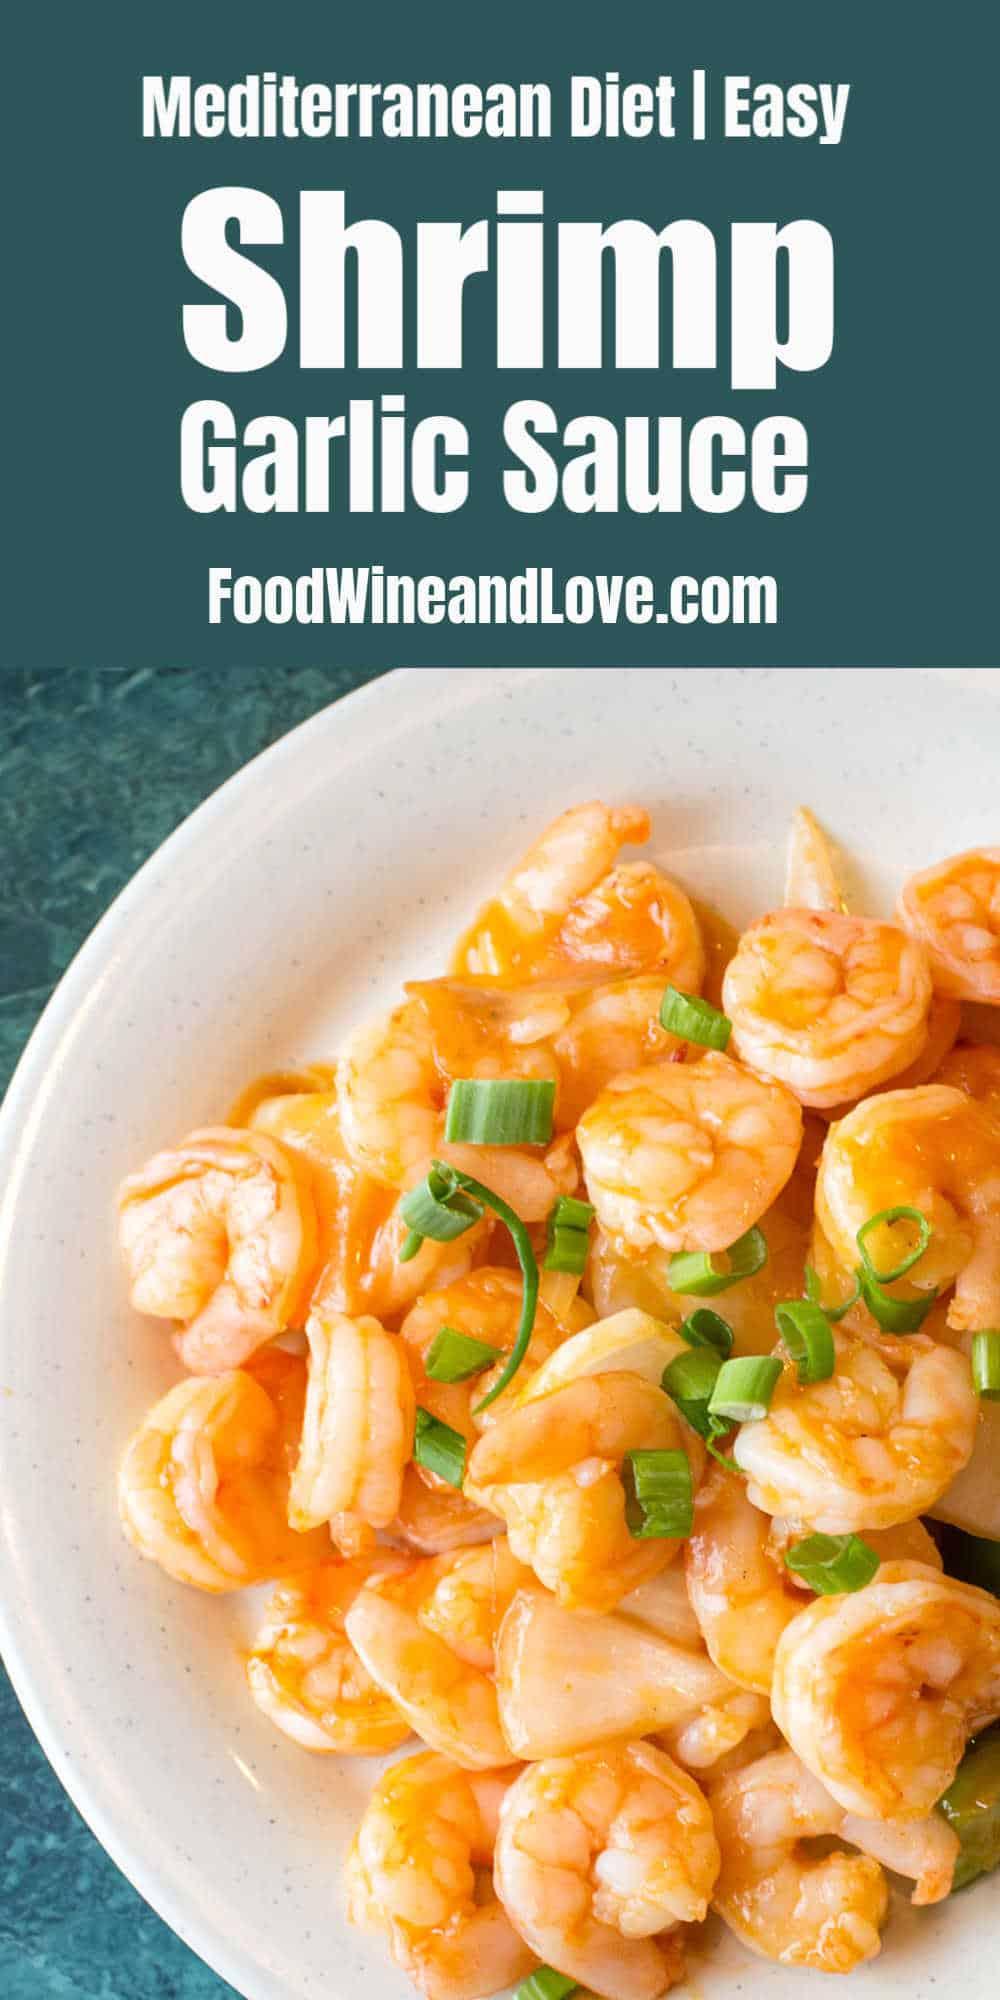 Mediterranean Diet Shrimp in Garlic Sauce